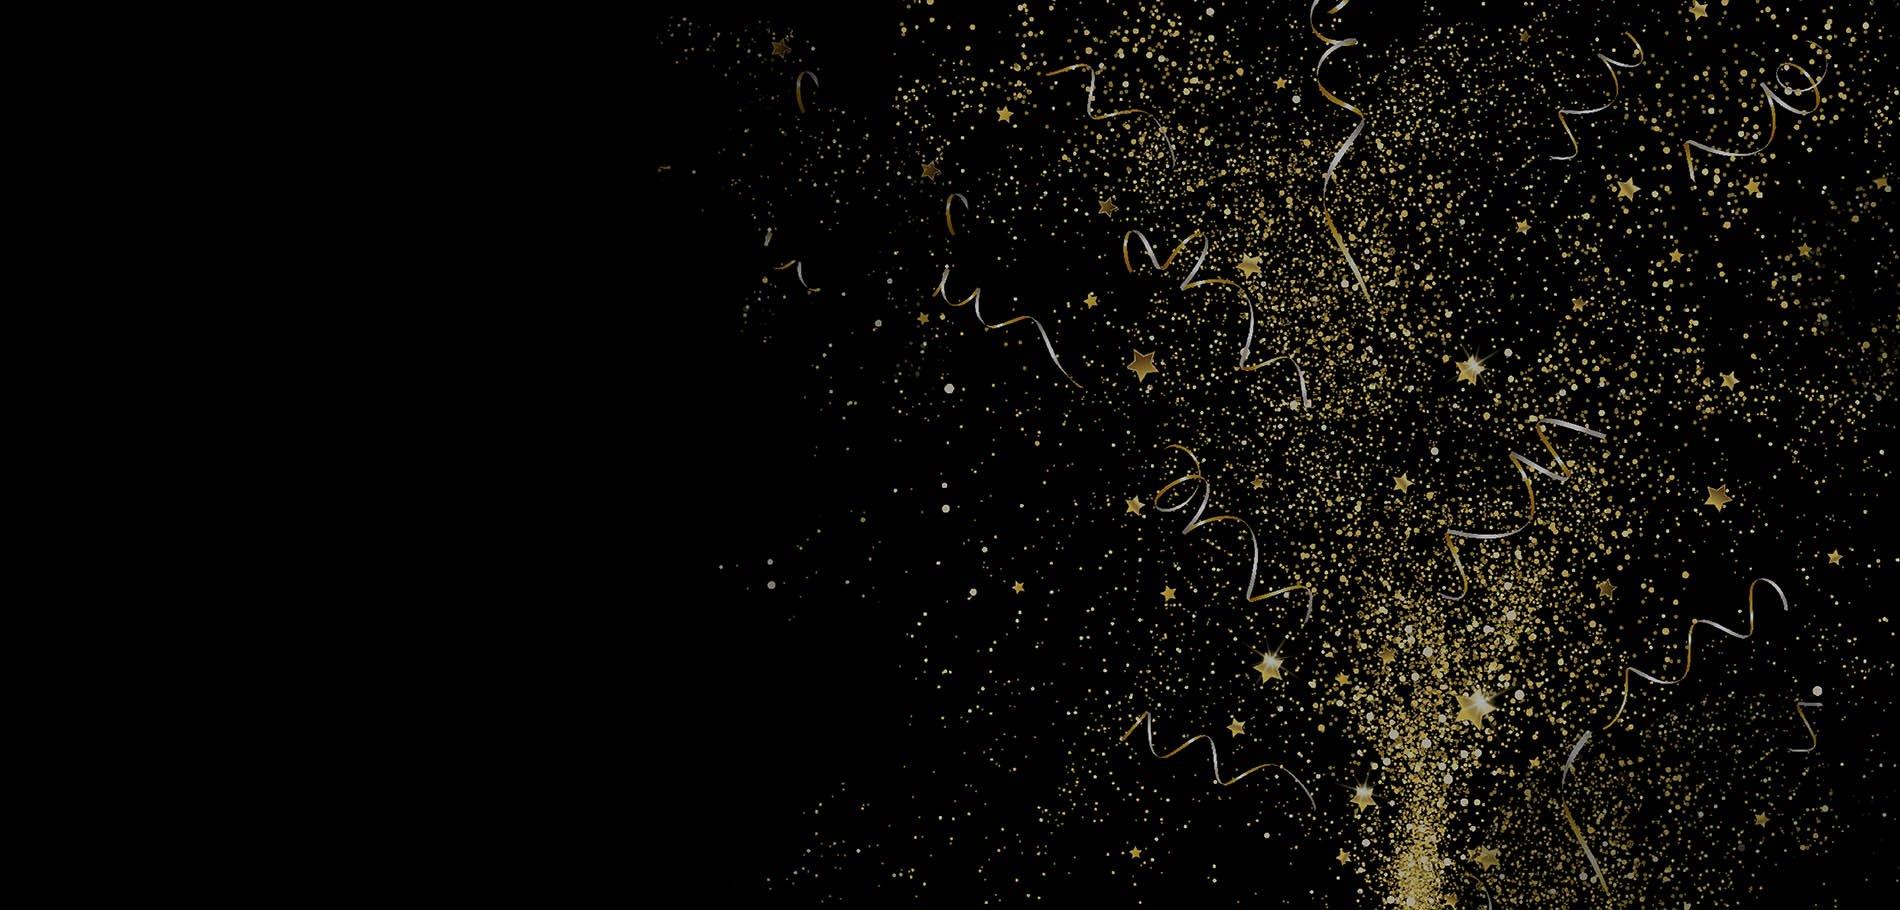 Hubspot-BG-LLP-Retirement-Party-R02-confetti2-W.jpg